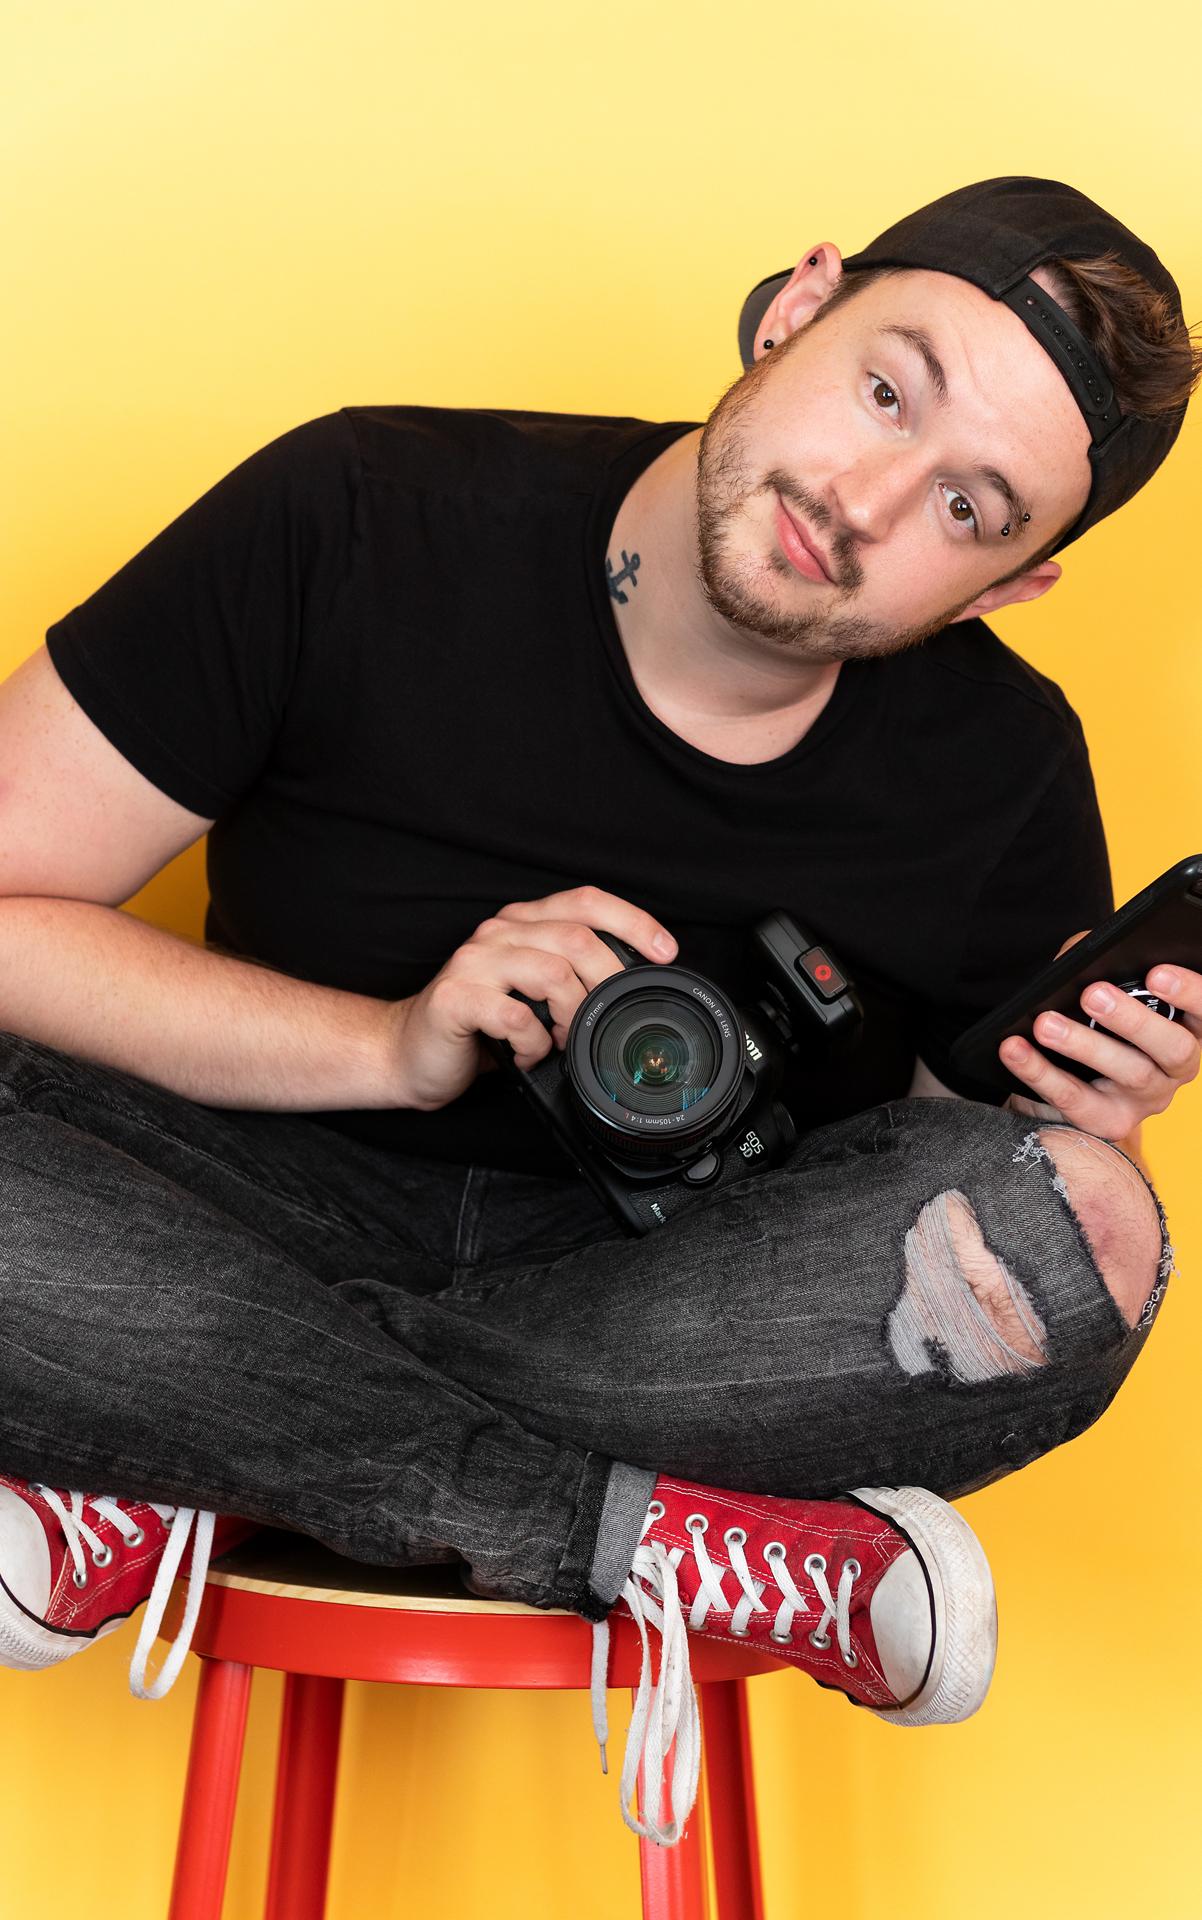 Yellow Red Chucks Camera 4555.jpg